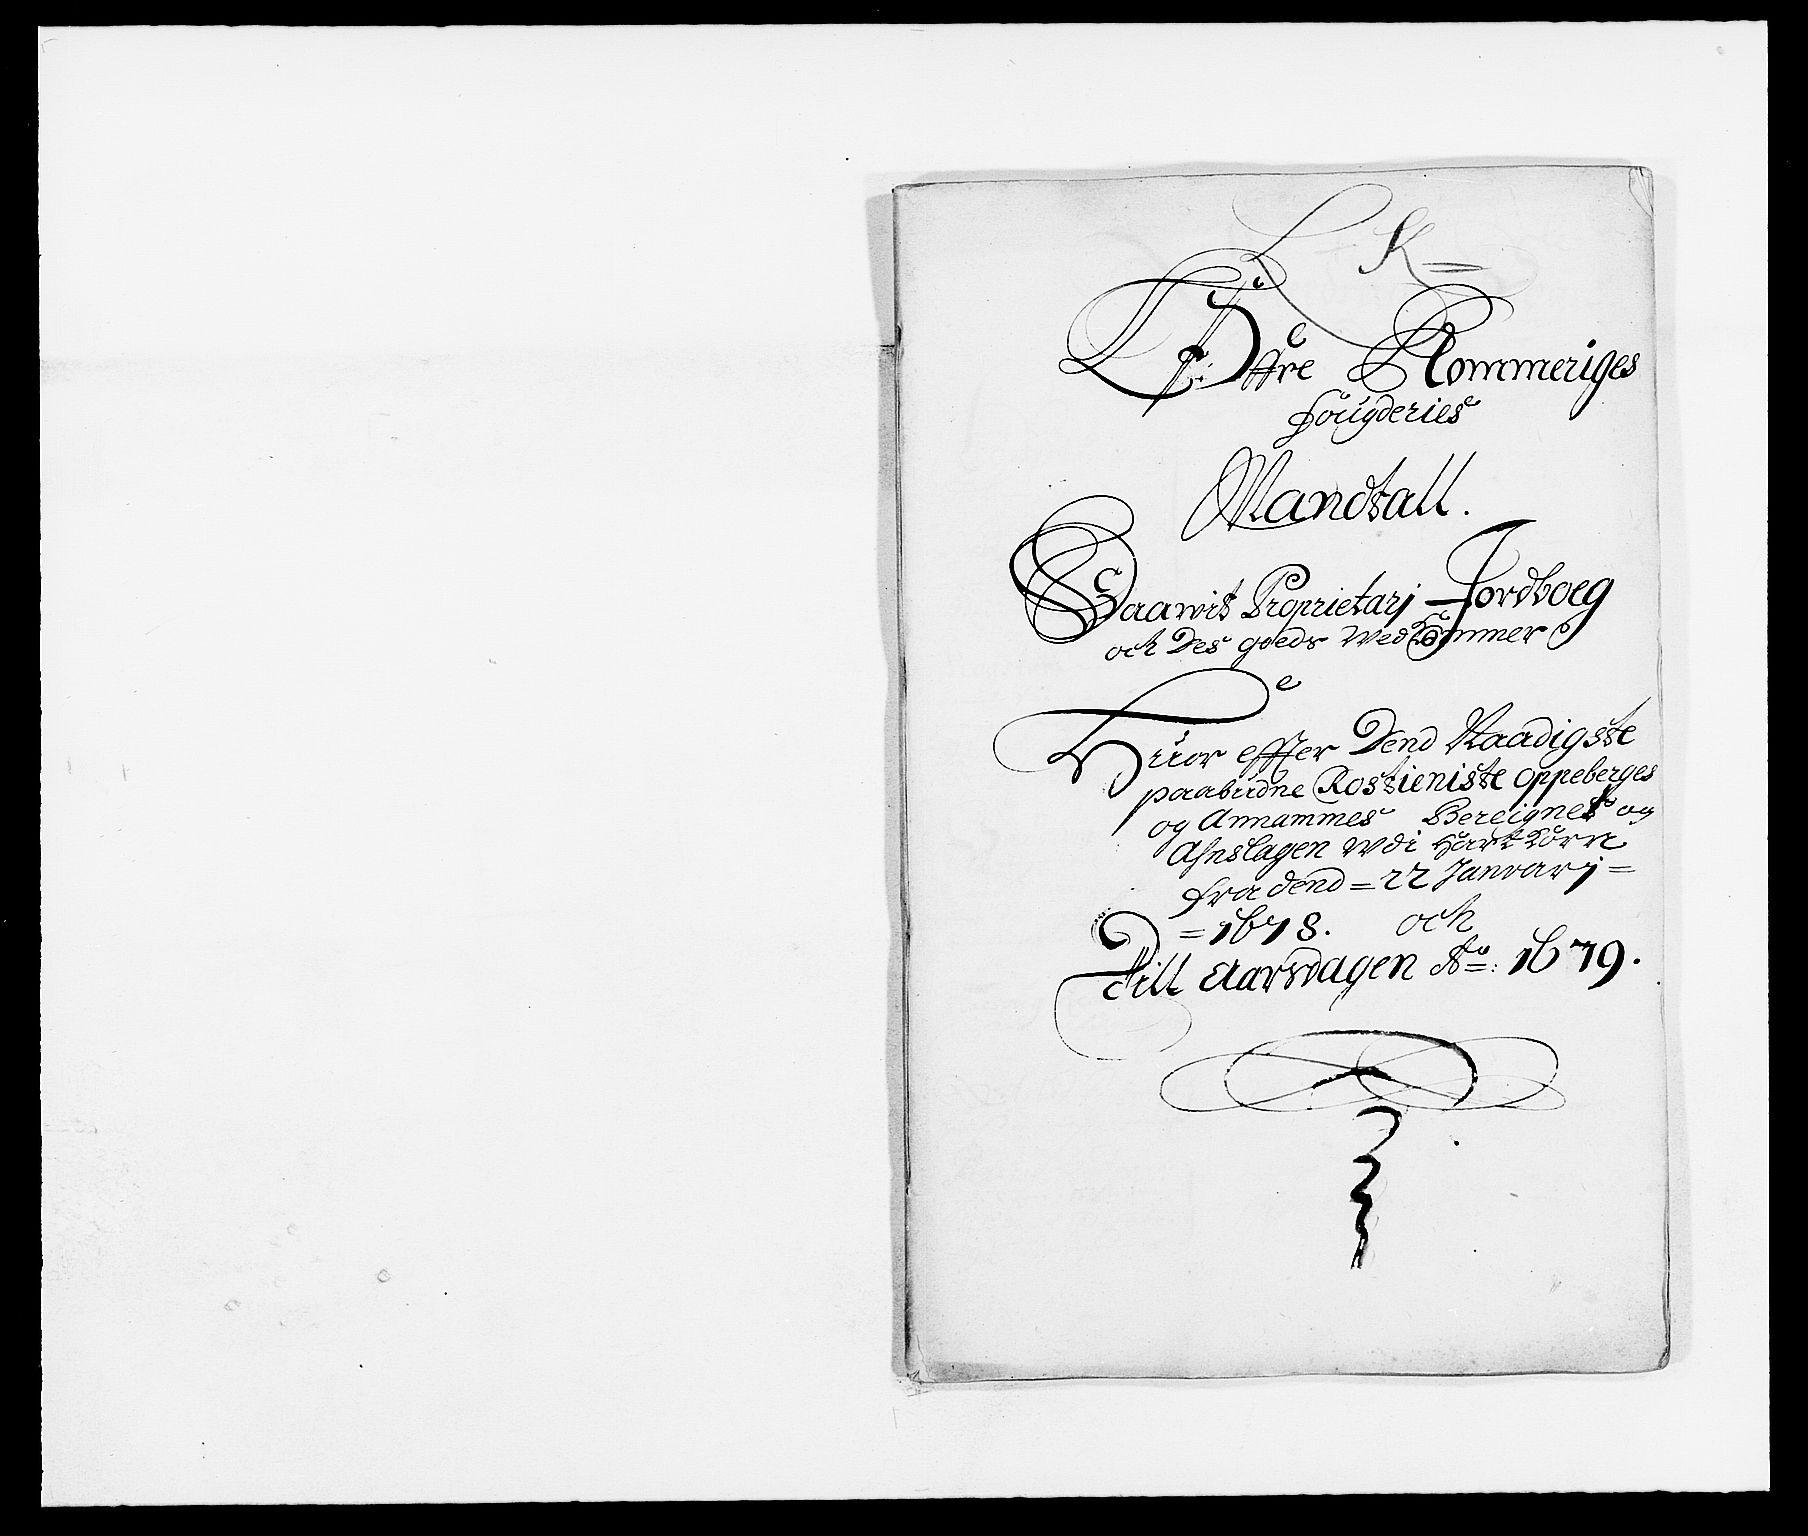 RA, Rentekammeret inntil 1814, Reviderte regnskaper, Fogderegnskap, R12/L0693: Fogderegnskap Øvre Romerike, 1678-1679, s. 263